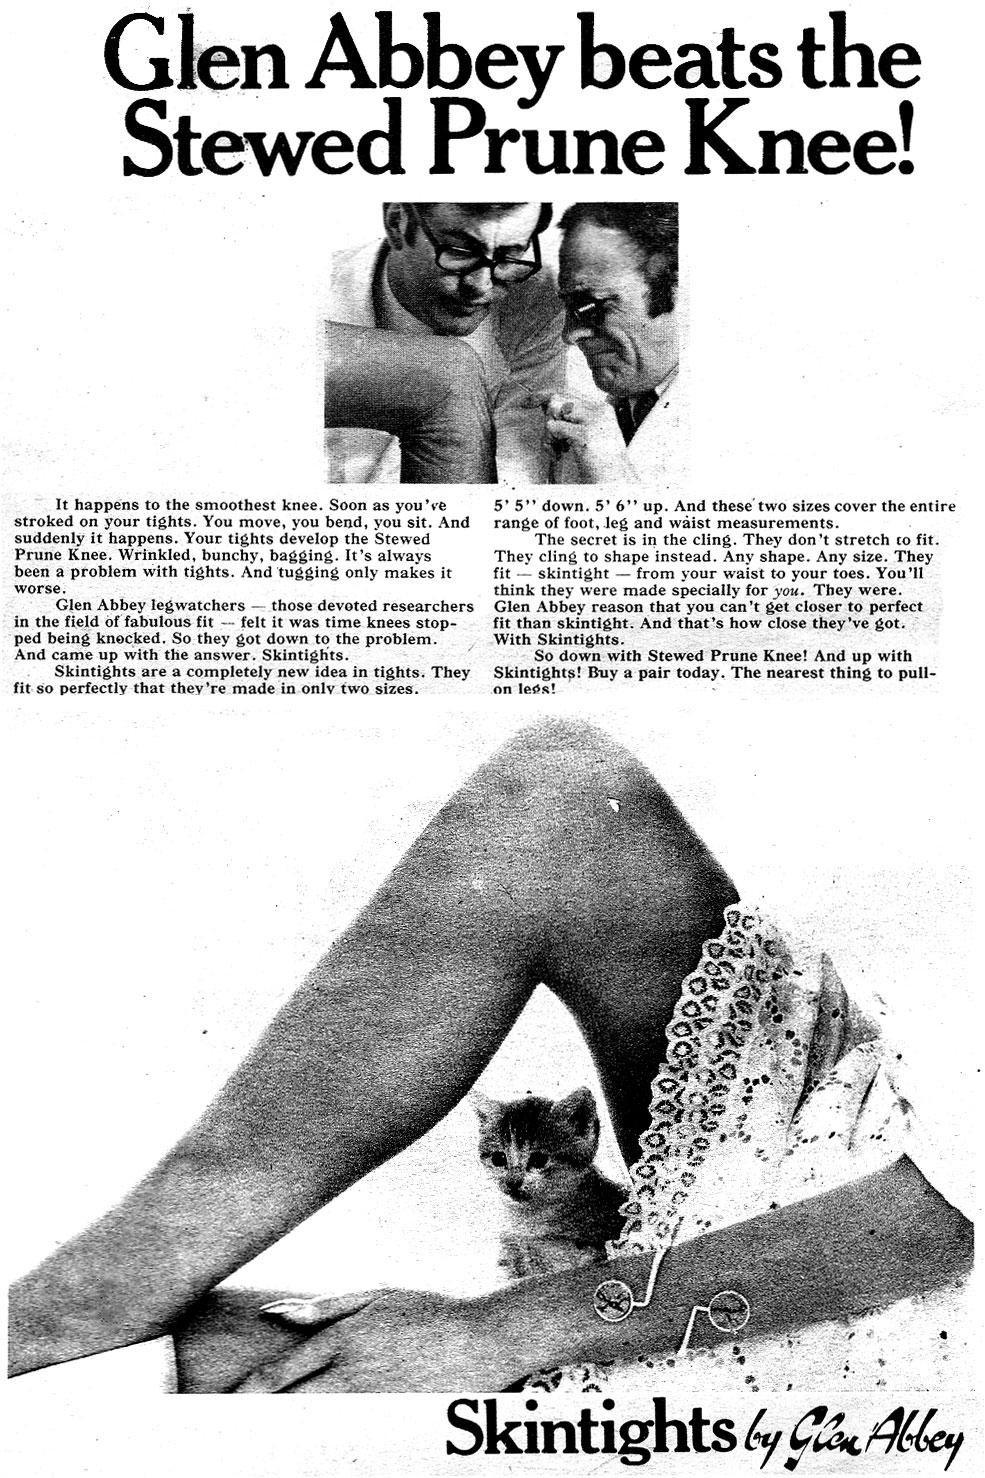 glen abbey 1969 advert knee